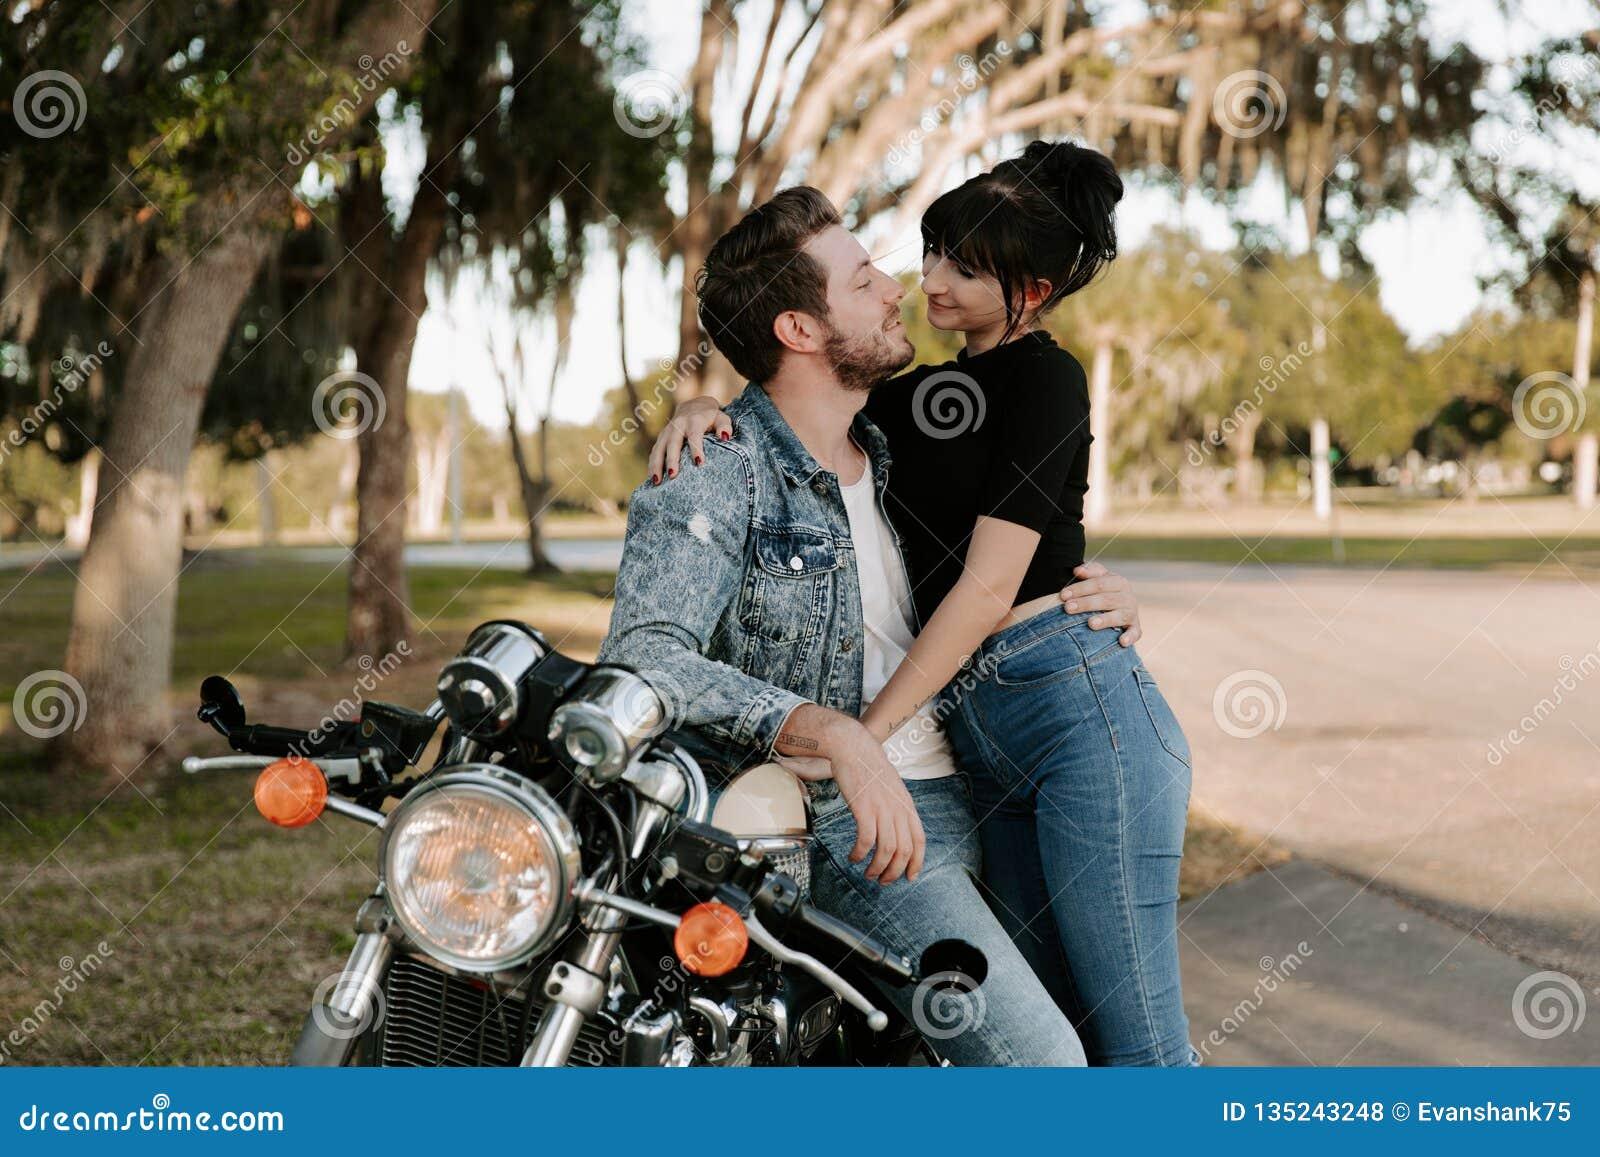 Retrato adorable de amor de dos personas de moda modernas adultas jovenes apuestas atractivas Guy Girl Couple Kissing y abrazo